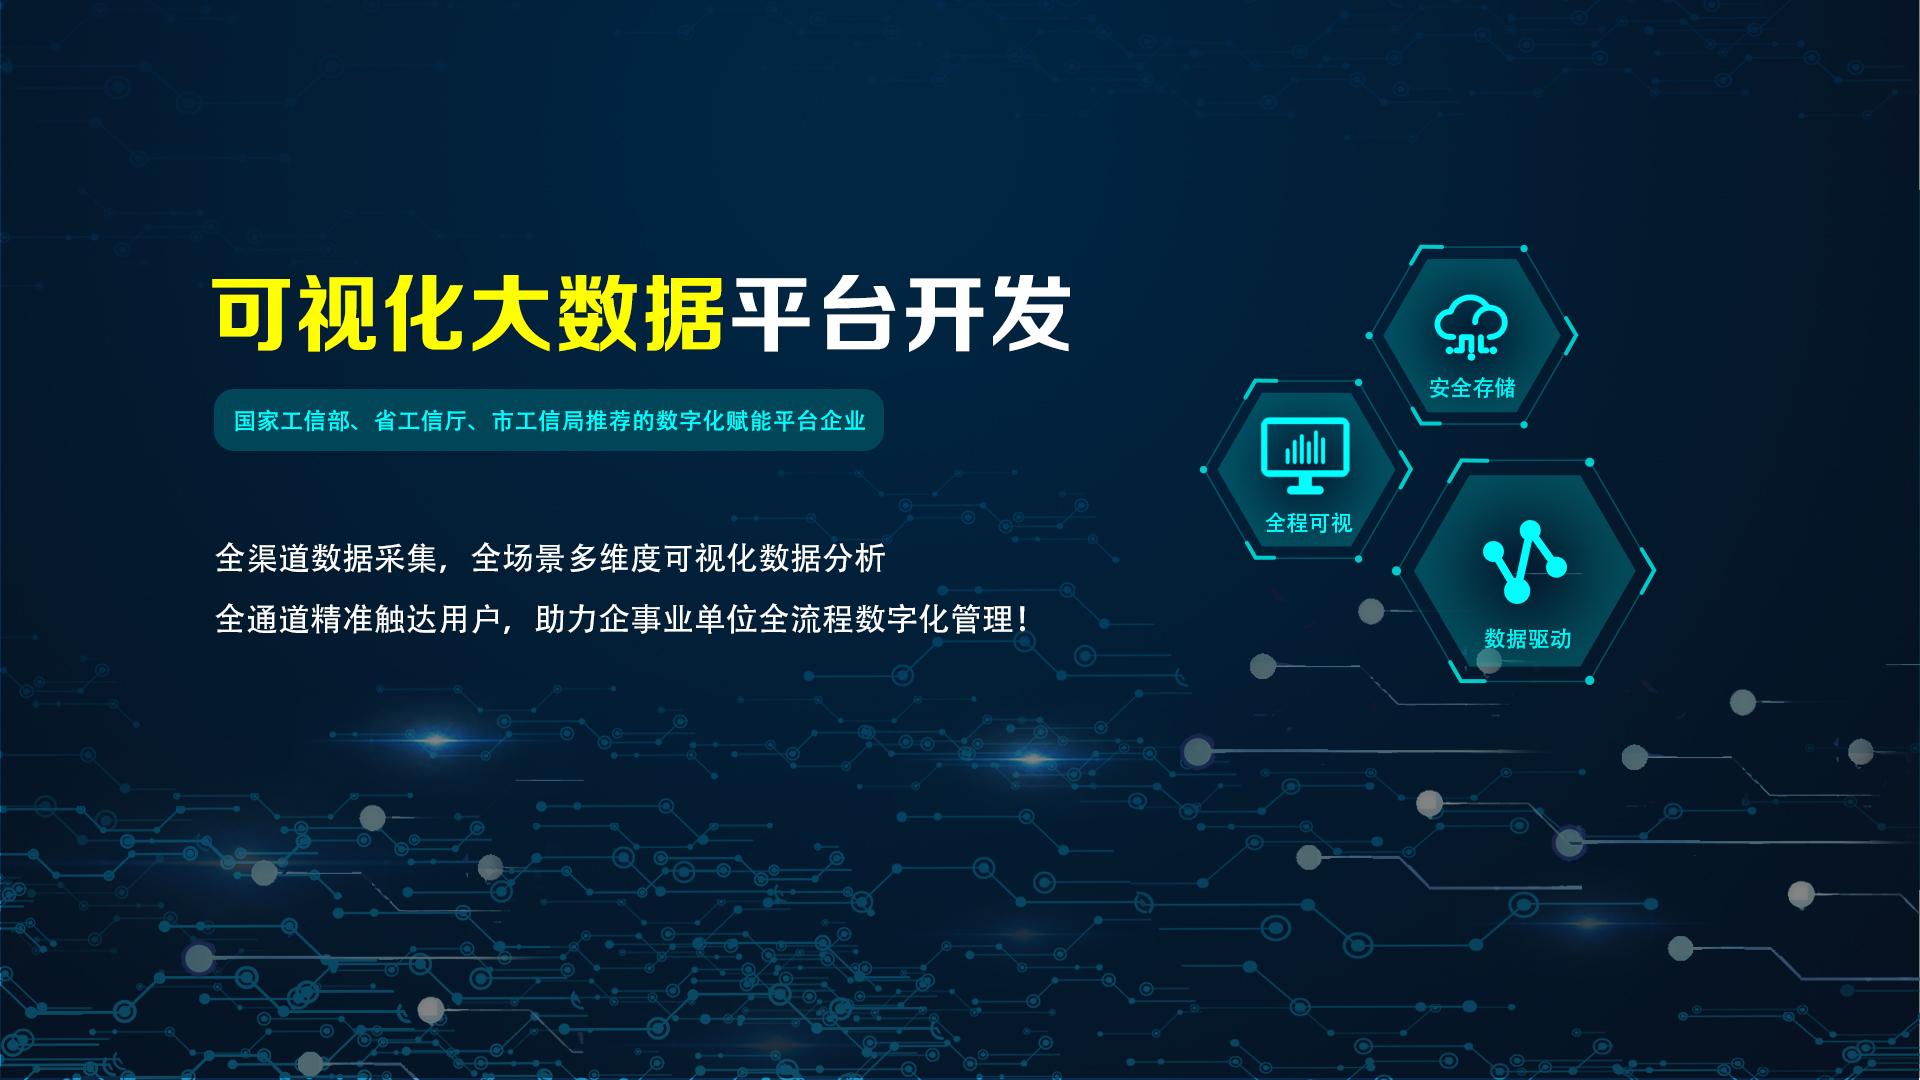 2 大数据平台开发